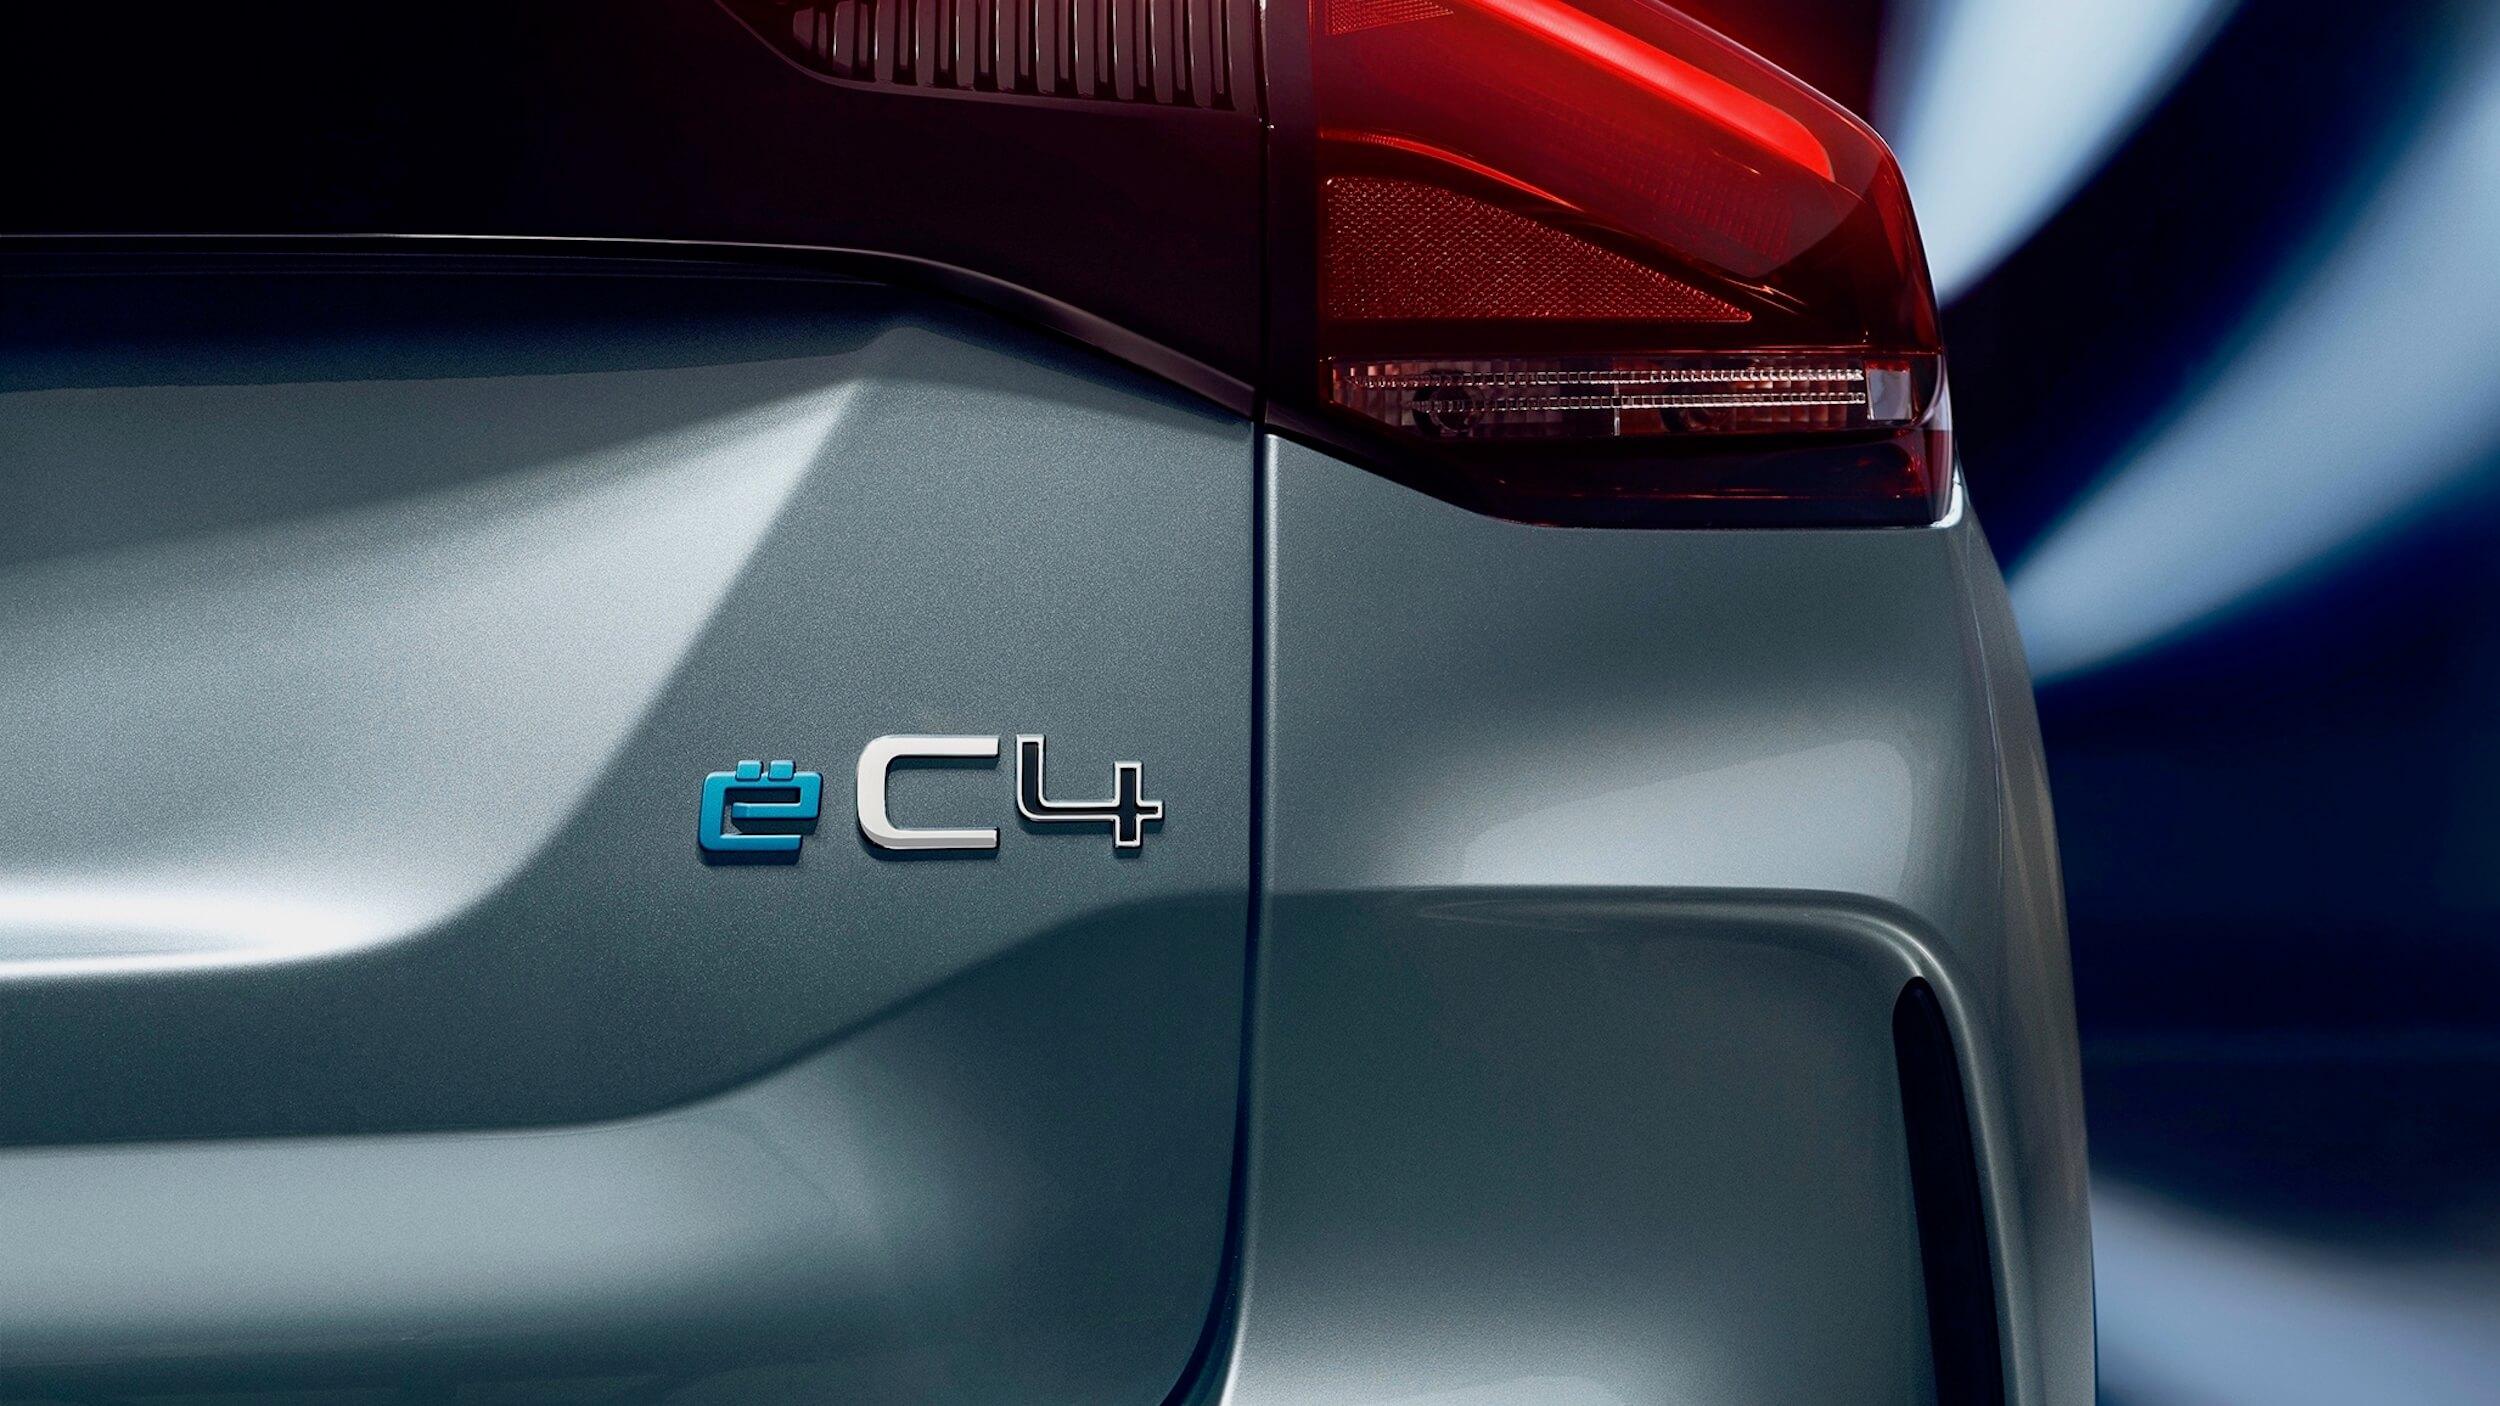 Citroën ë C4 logo